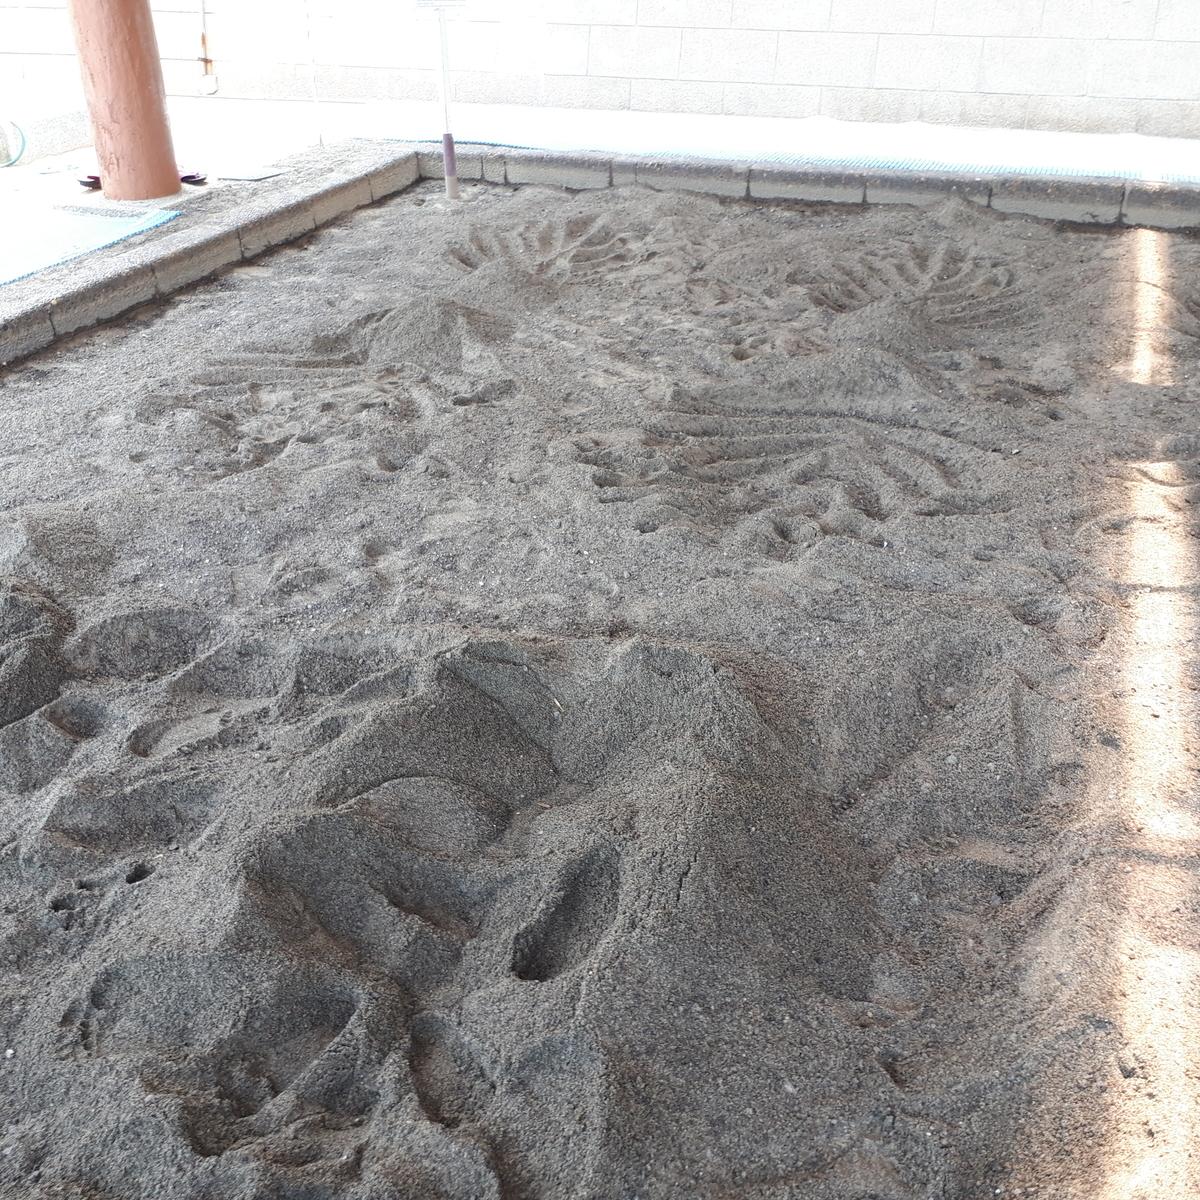 指宿 砂蒸し会館 砂楽 砂蒸し温泉